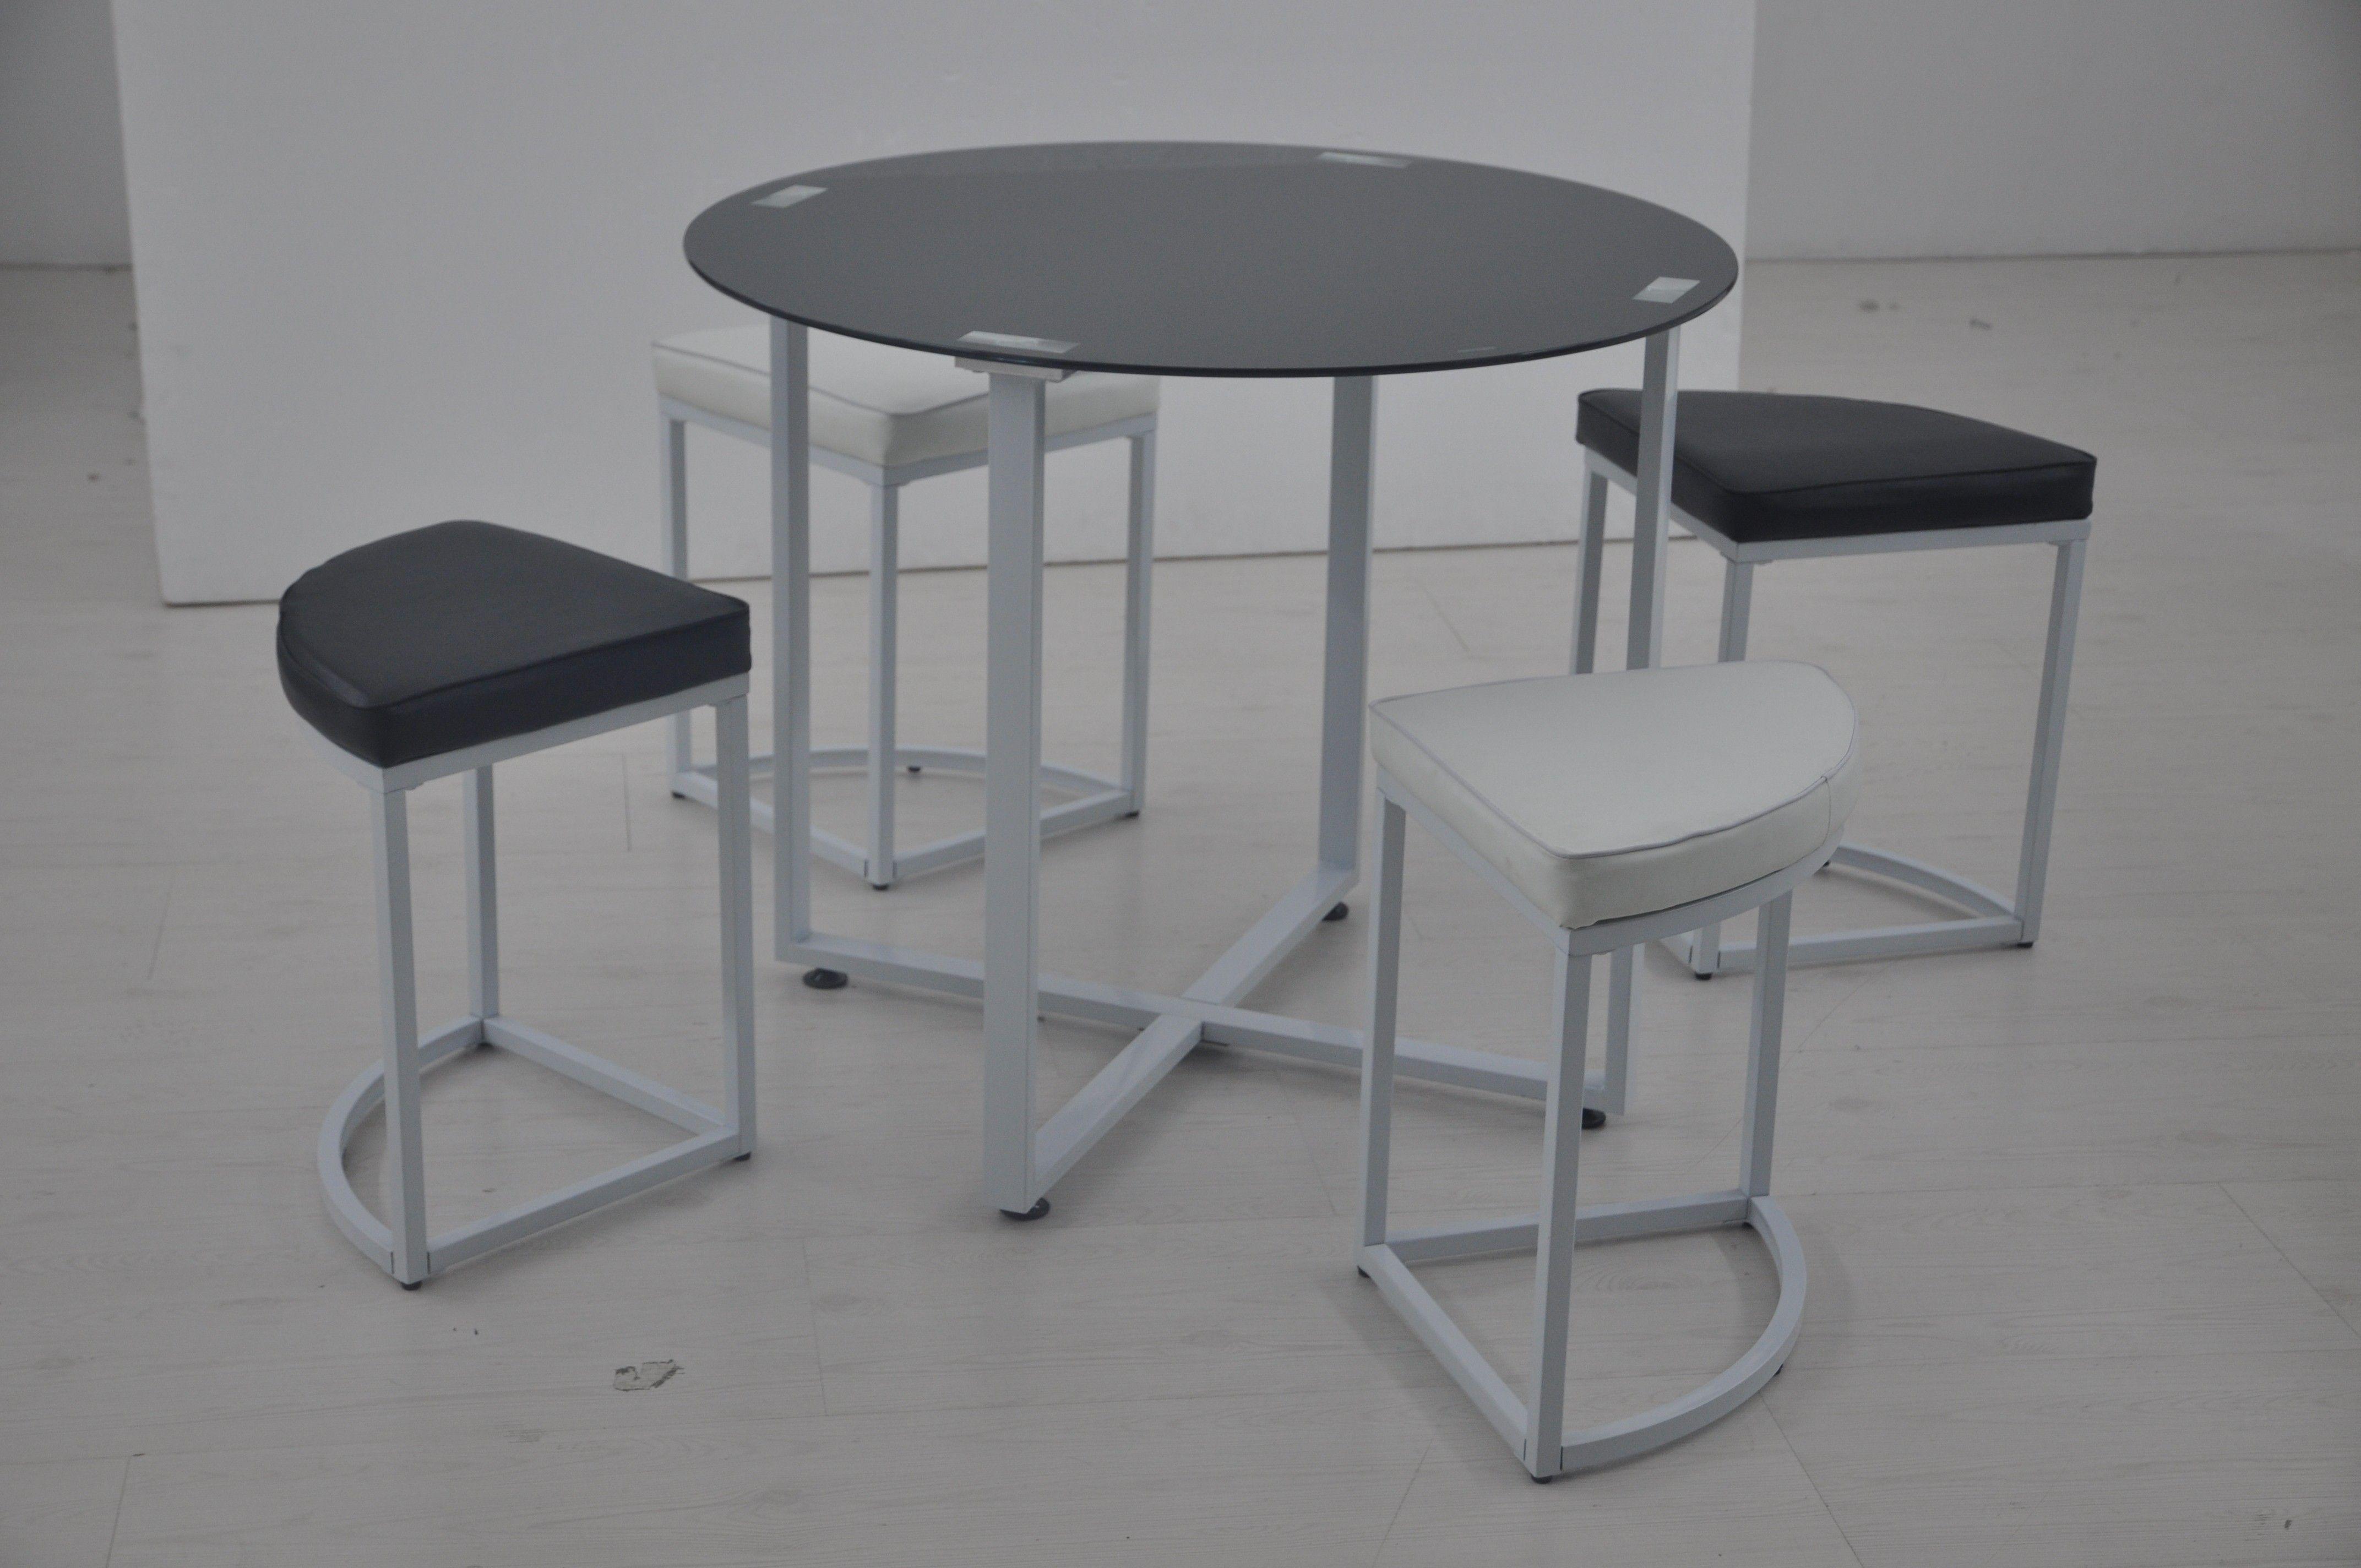 Conjunto mesa 4 taburetes domino en conforama ideal para espacios